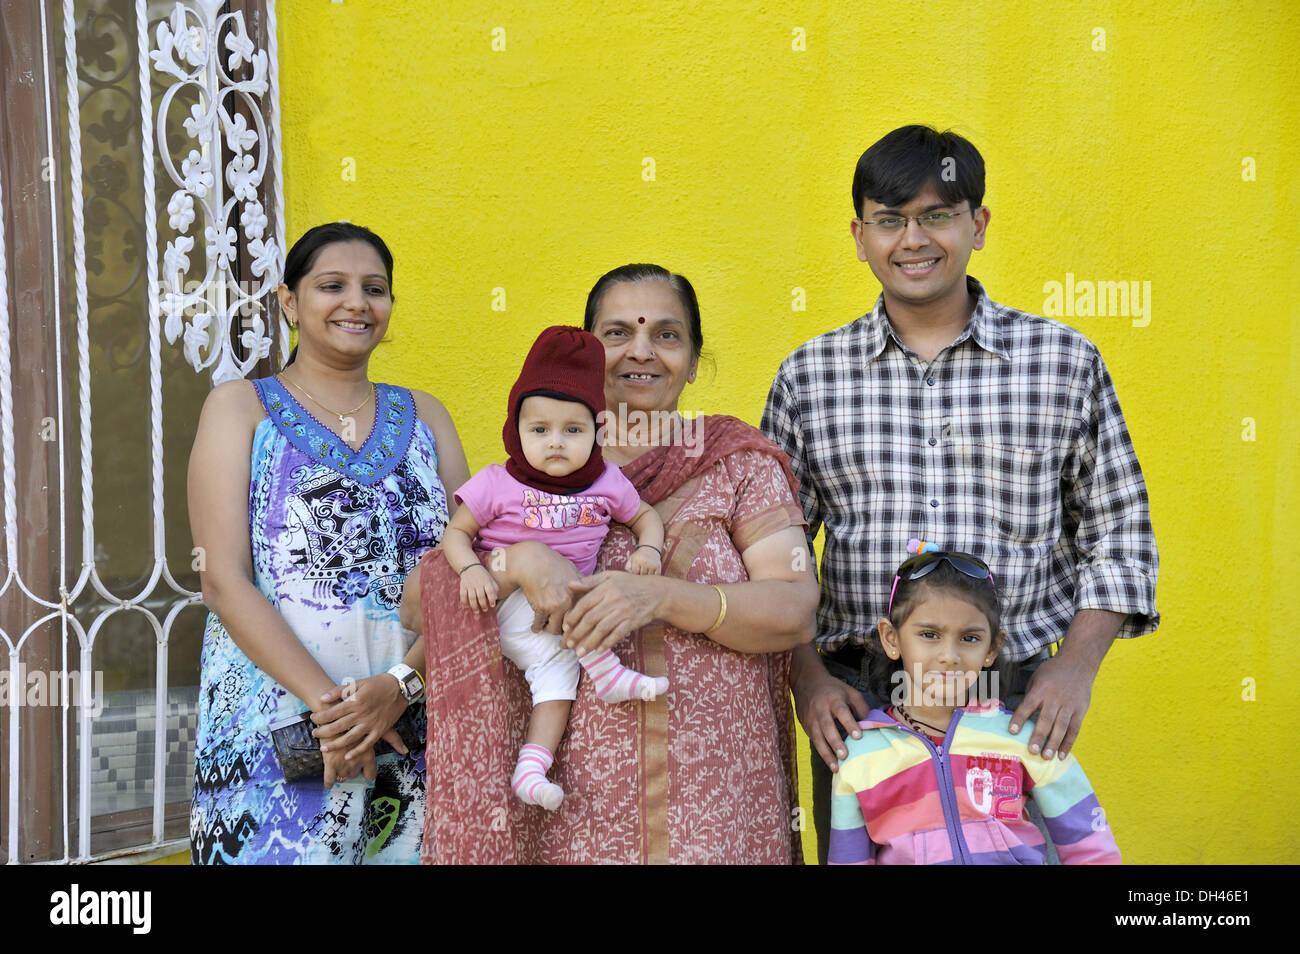 Famiglia indiana di cinque verticale - signor#736j e 736k e 736L e 736la & 364 - 184966 rmm Immagini Stock